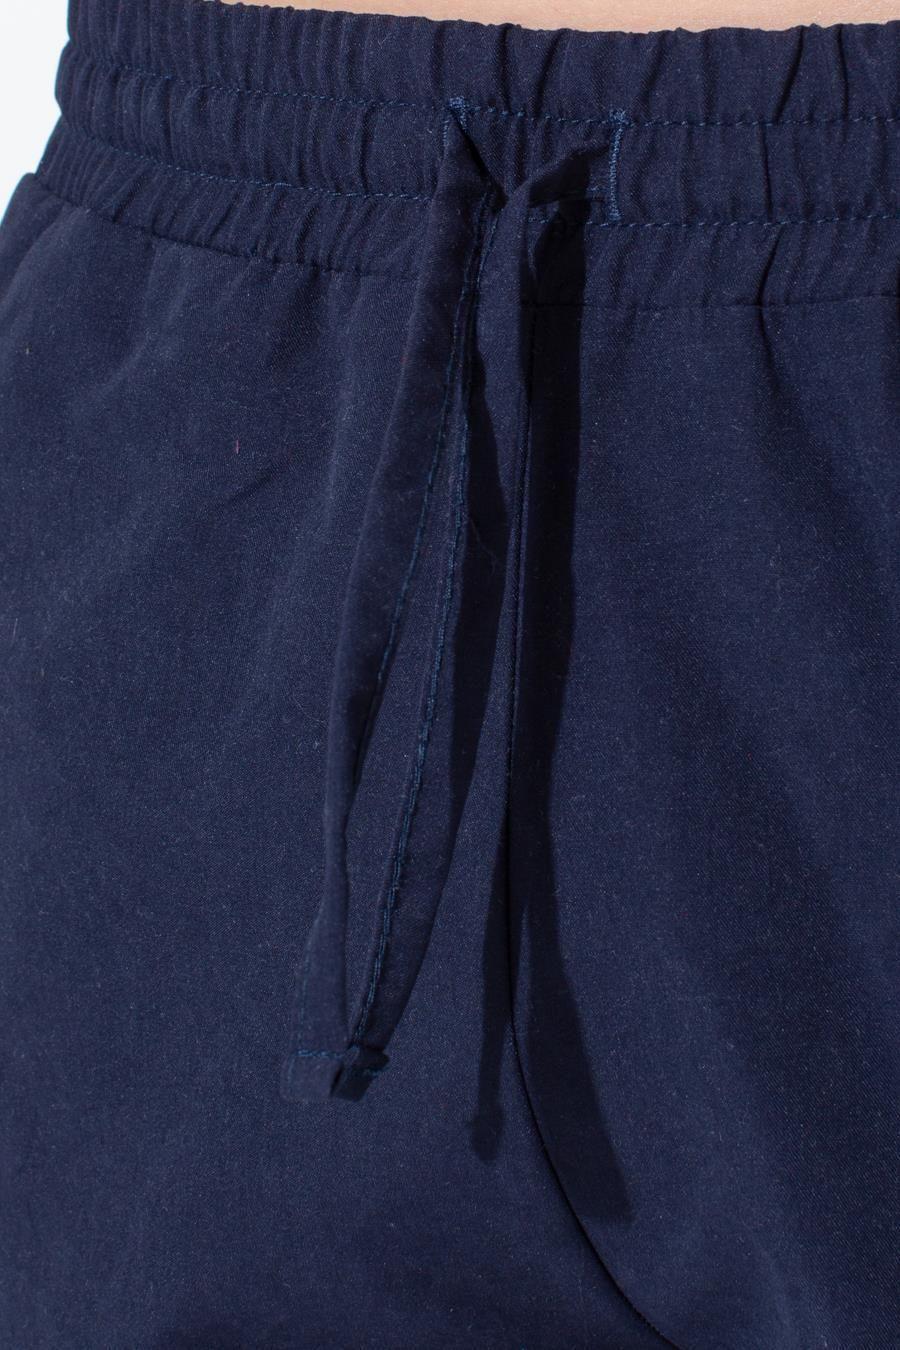 Hype Navy Crest Kids Swim Shorts